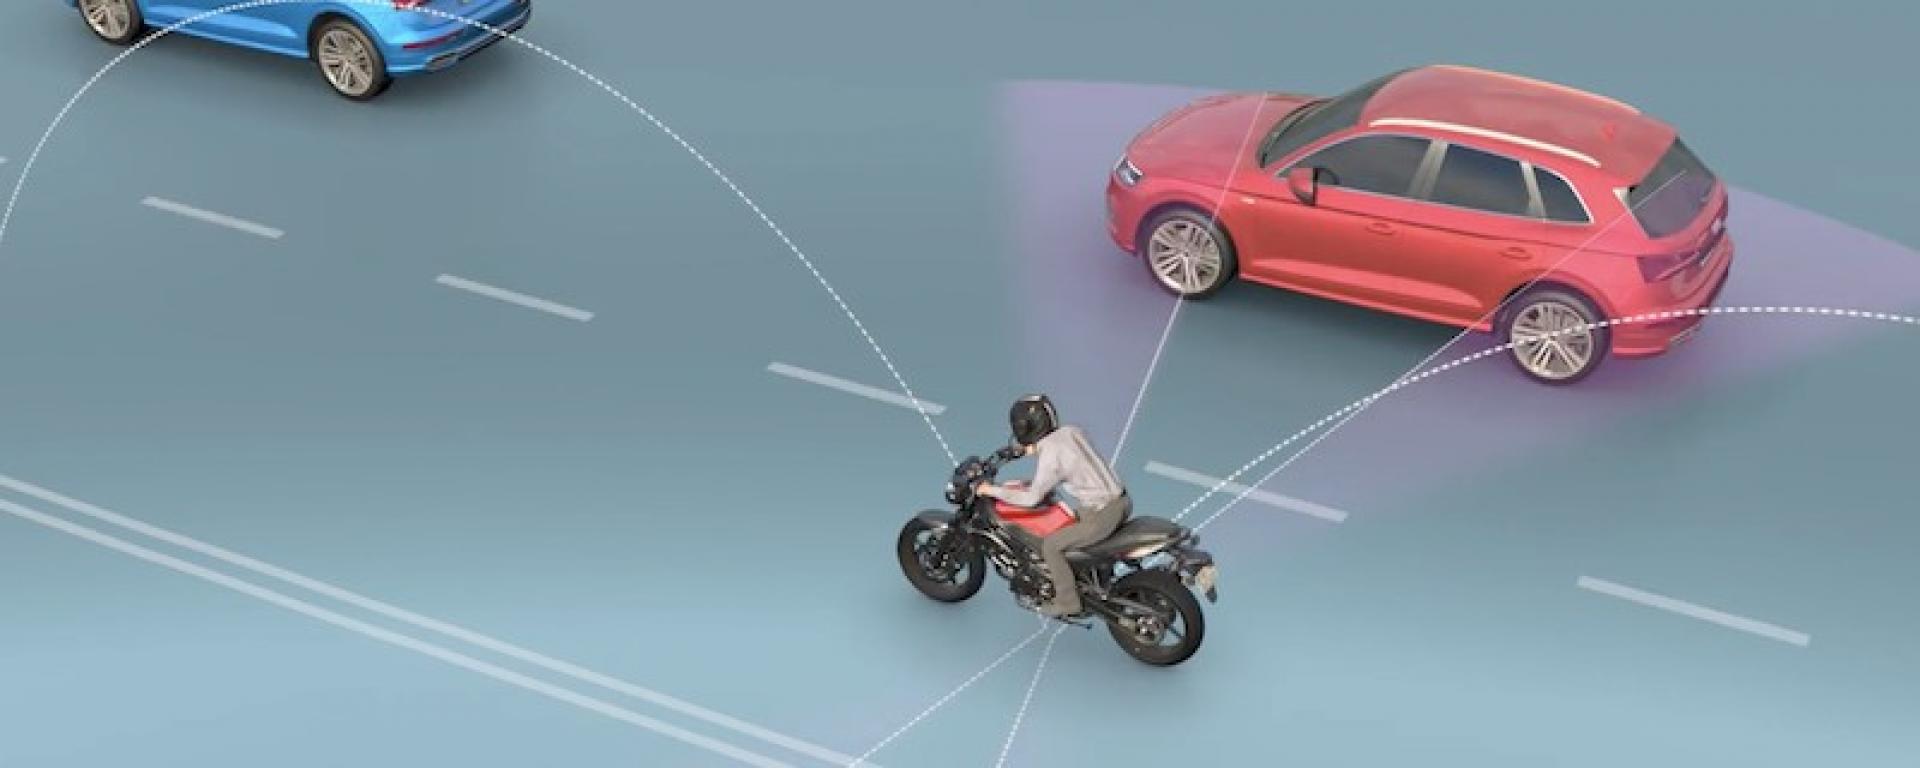 موتورسواری امن با کمک دید ۳۶۰ درجه